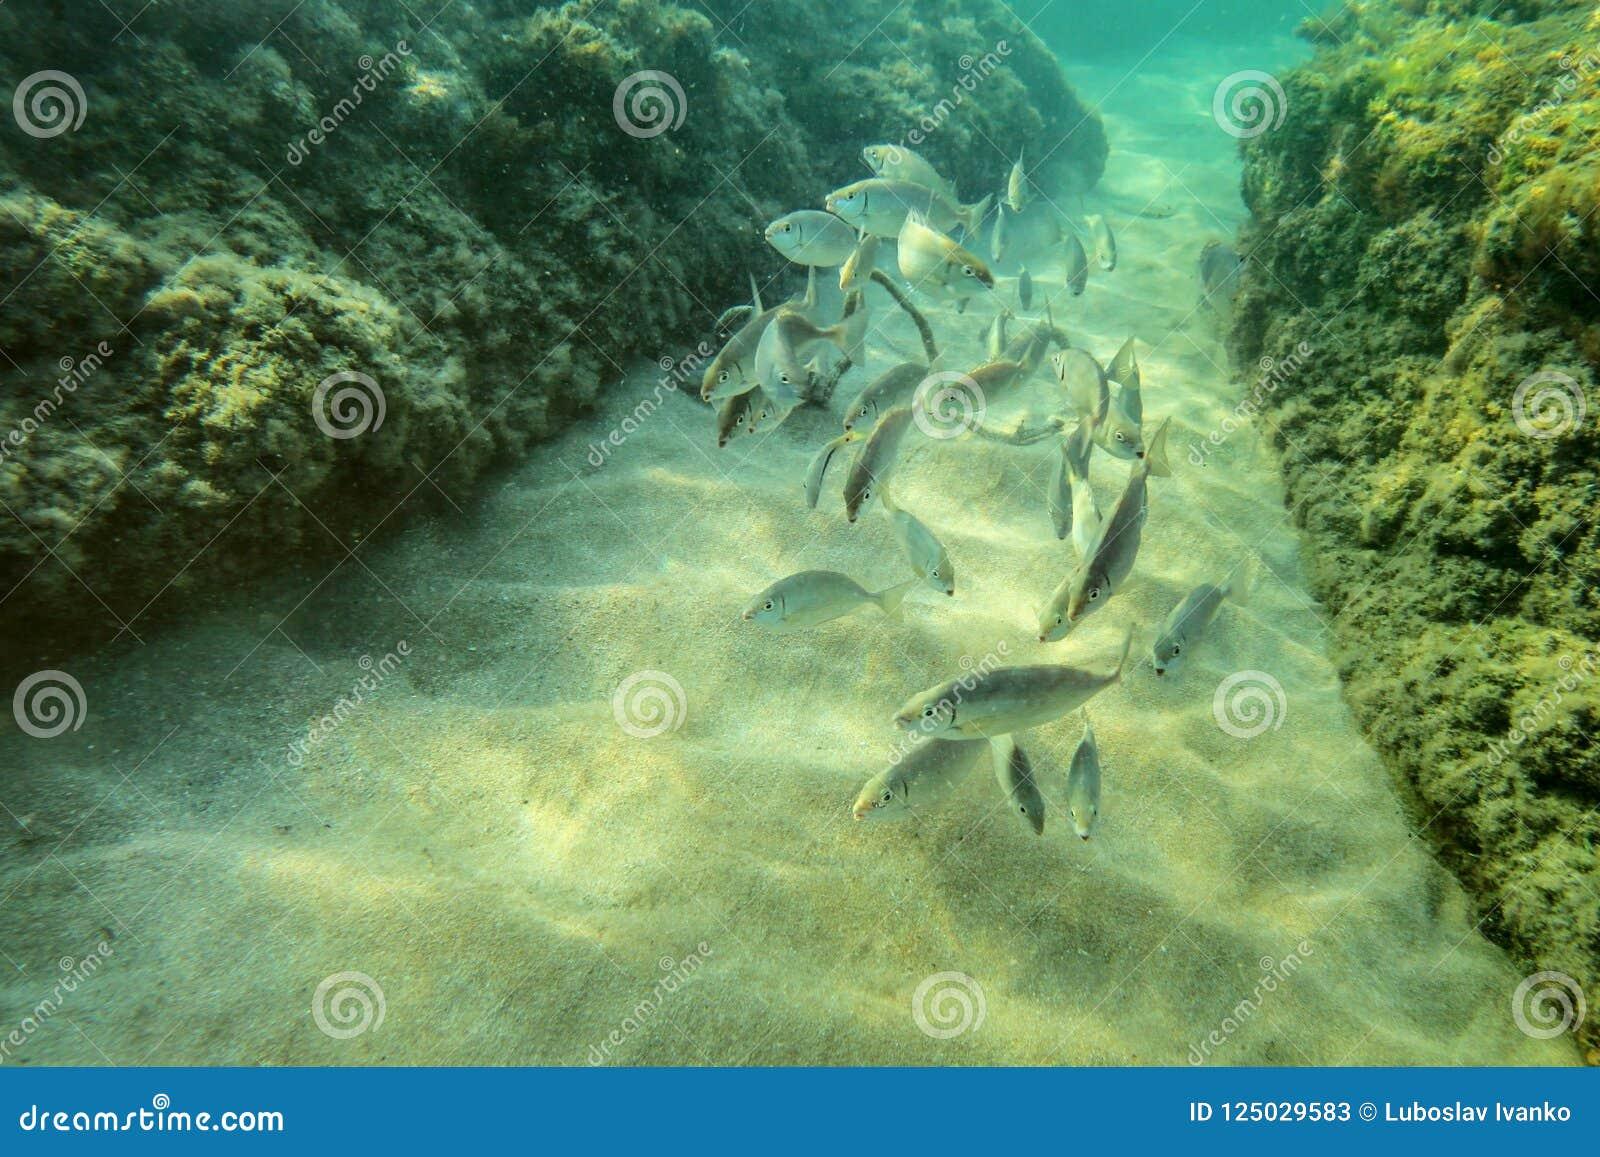 Foto subacquea, gruppo di piccoli pesci che nuotano fra le alghe c